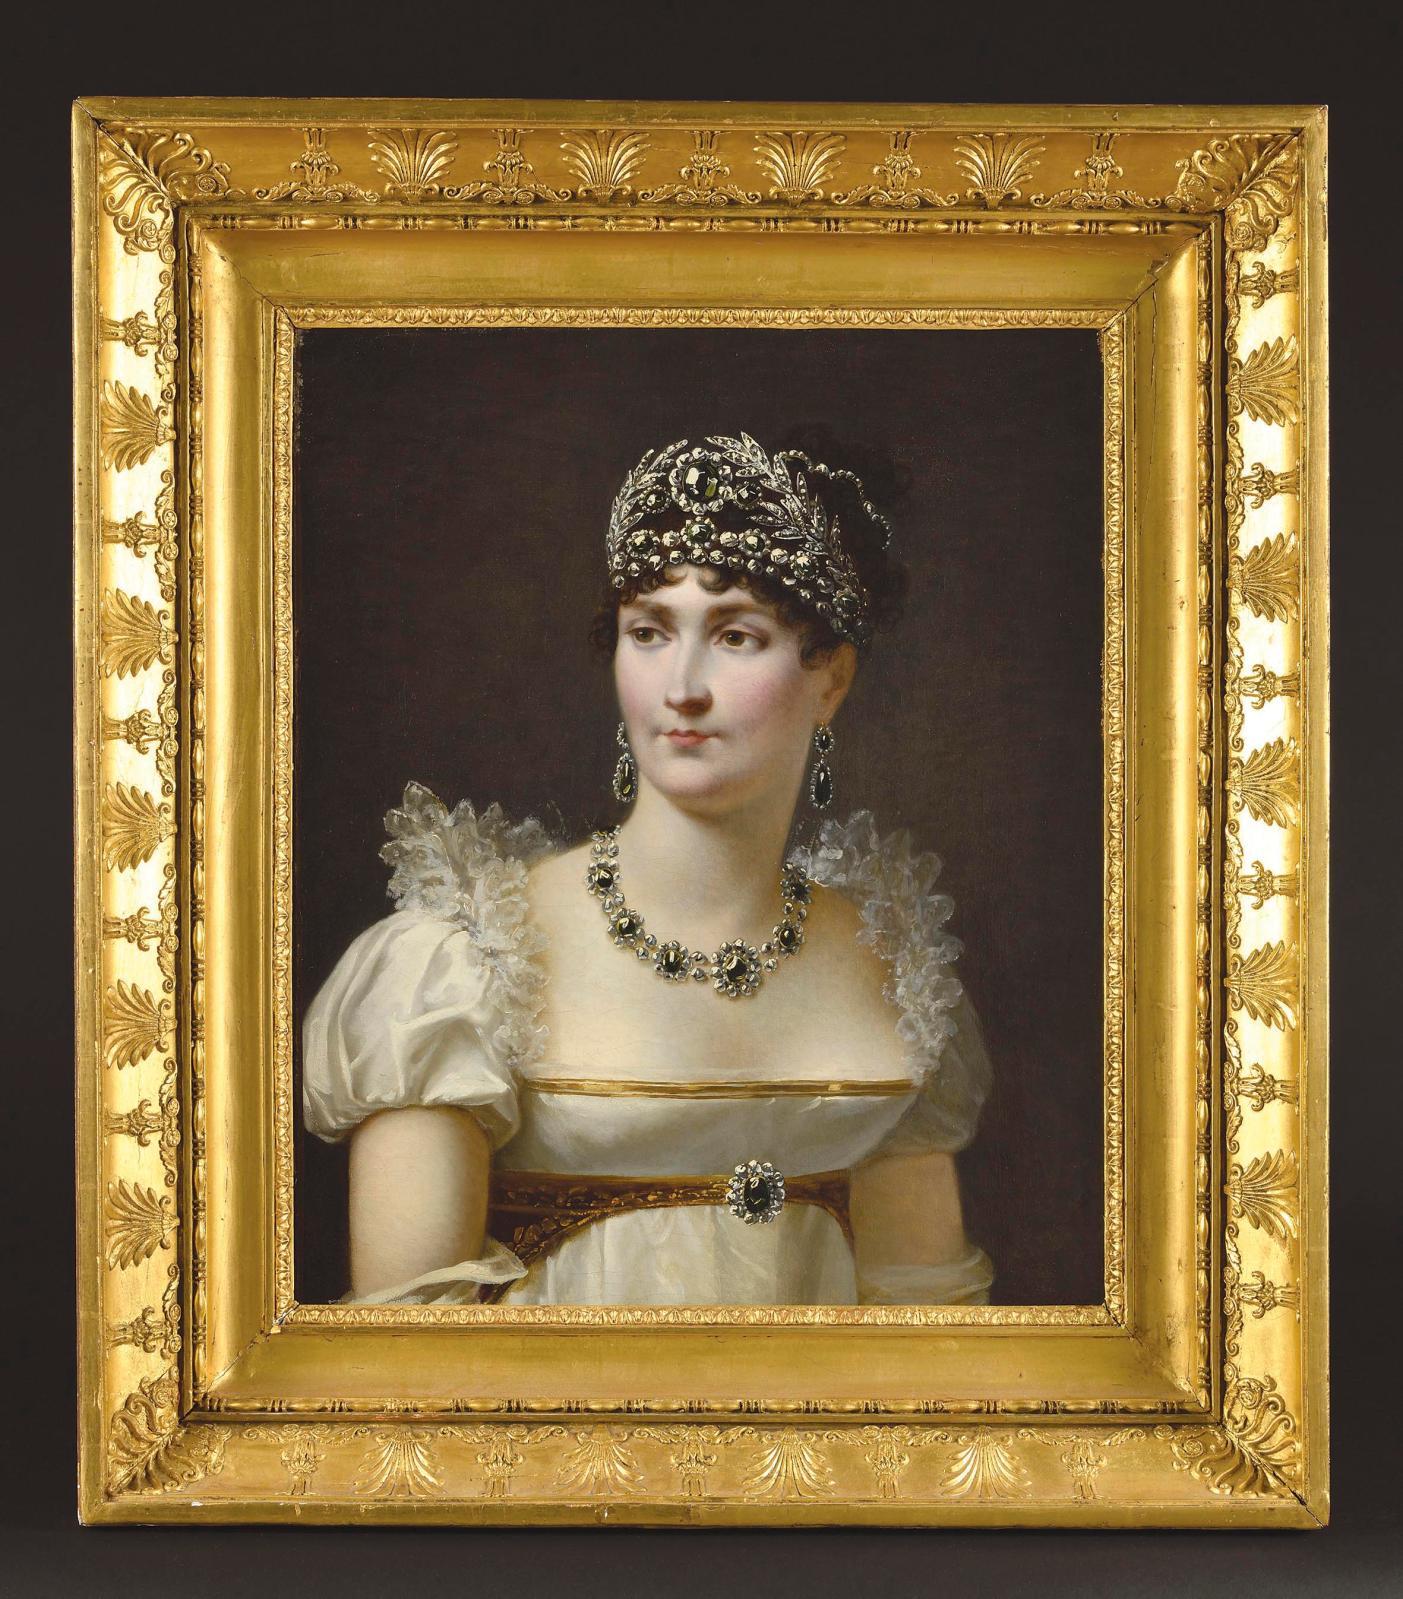 En parant de joyaux les femmes de sa vie, Napoléon a mené une politique de paraître dans la lignée de son sacre, et contribué au rayonneme